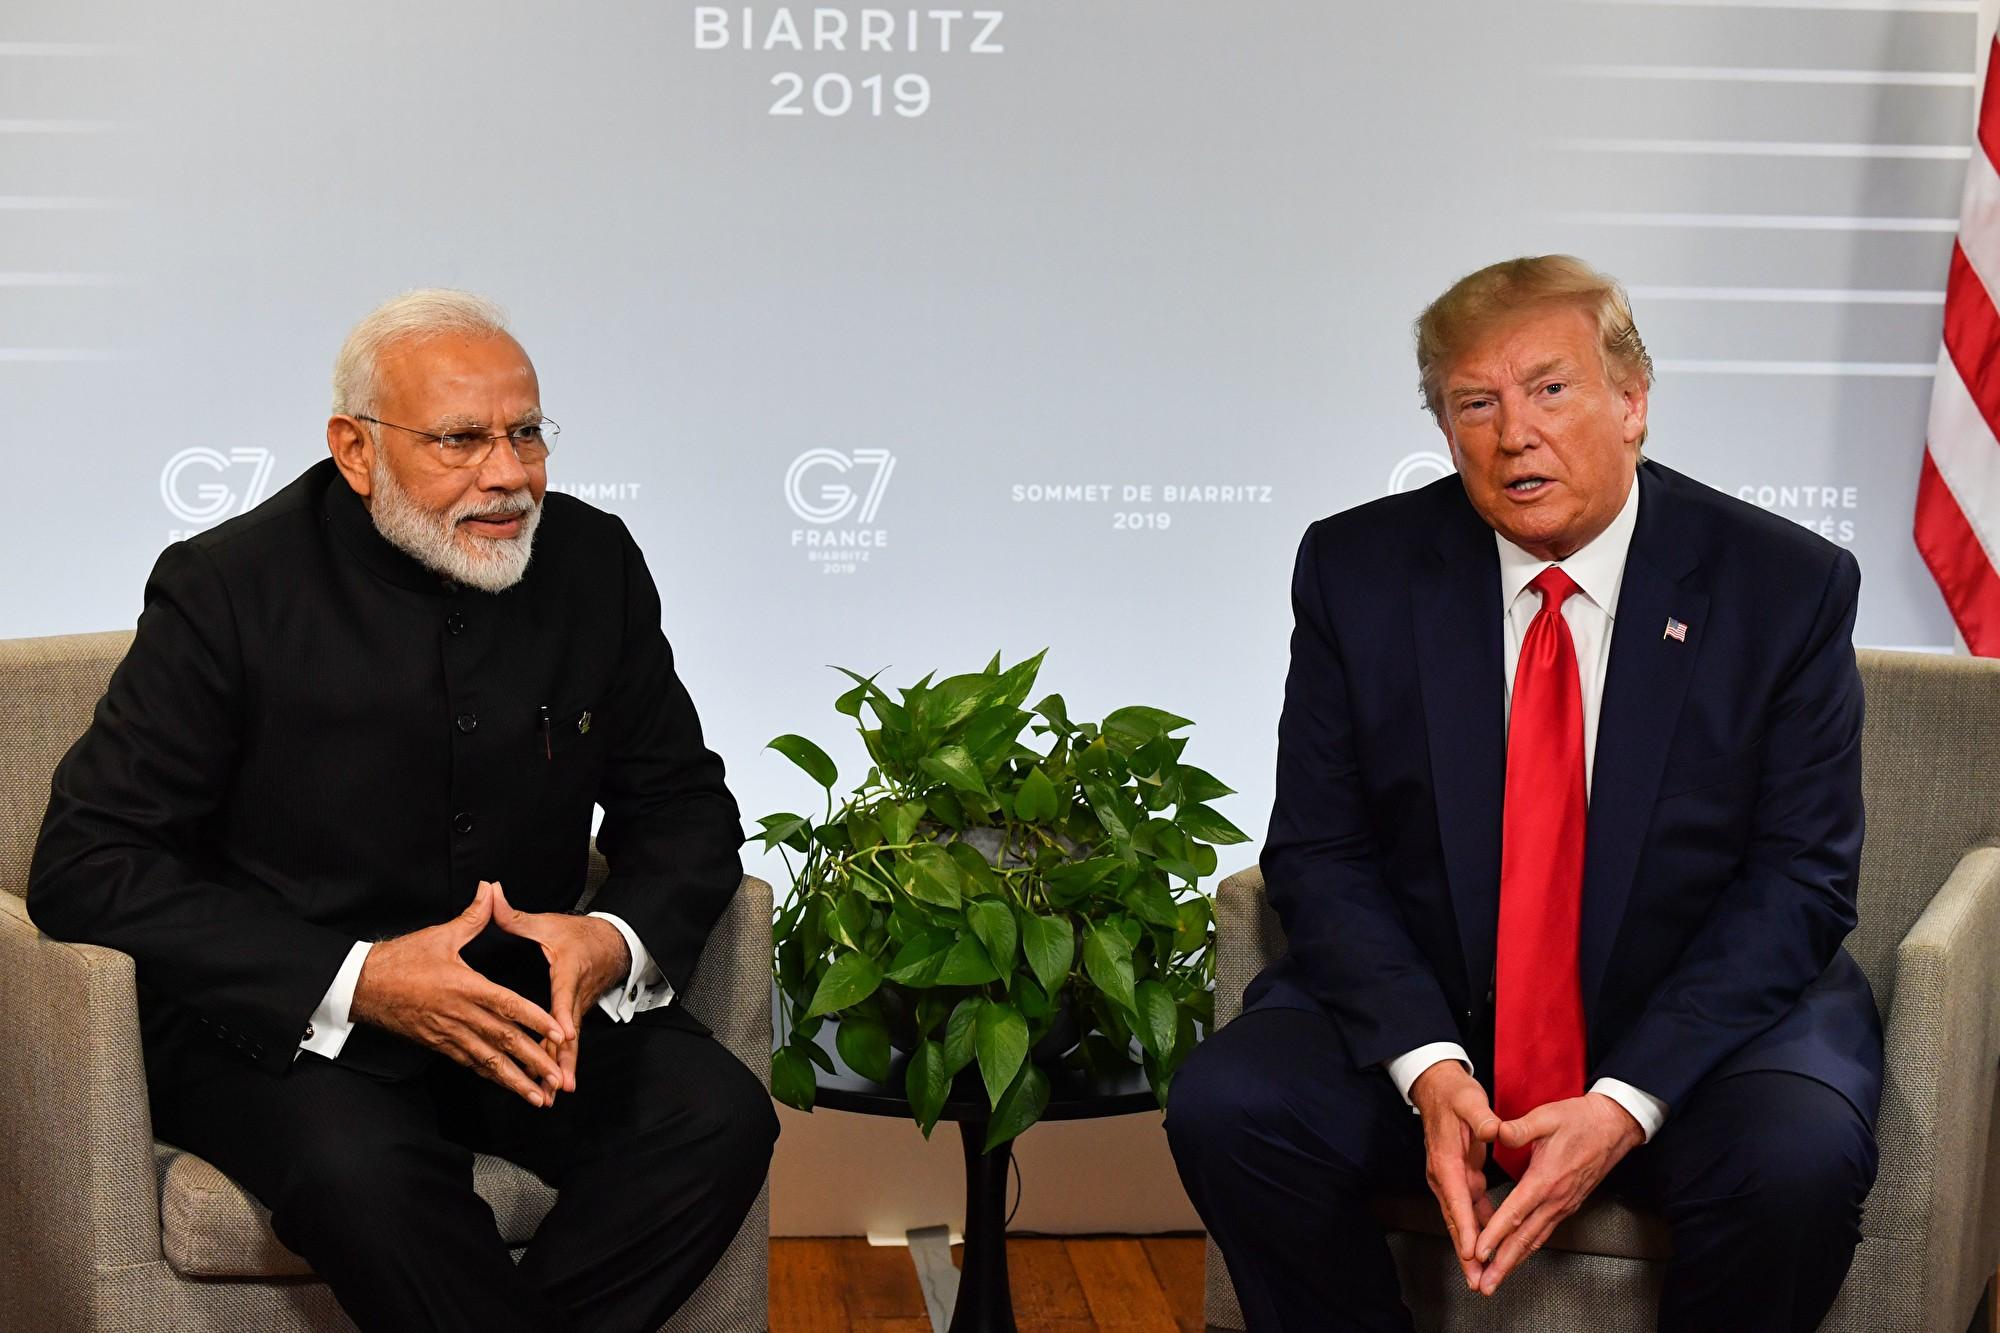 8月26日,美國總統特朗普剛結束在法國的G7峰會。在與印度總理莫迪會晤時,特朗普再次提到香港反送中抗議活動,並表示希望中方能冷靜處理香港問題。(NICHOLAS KAMM/AFP/Getty Images)